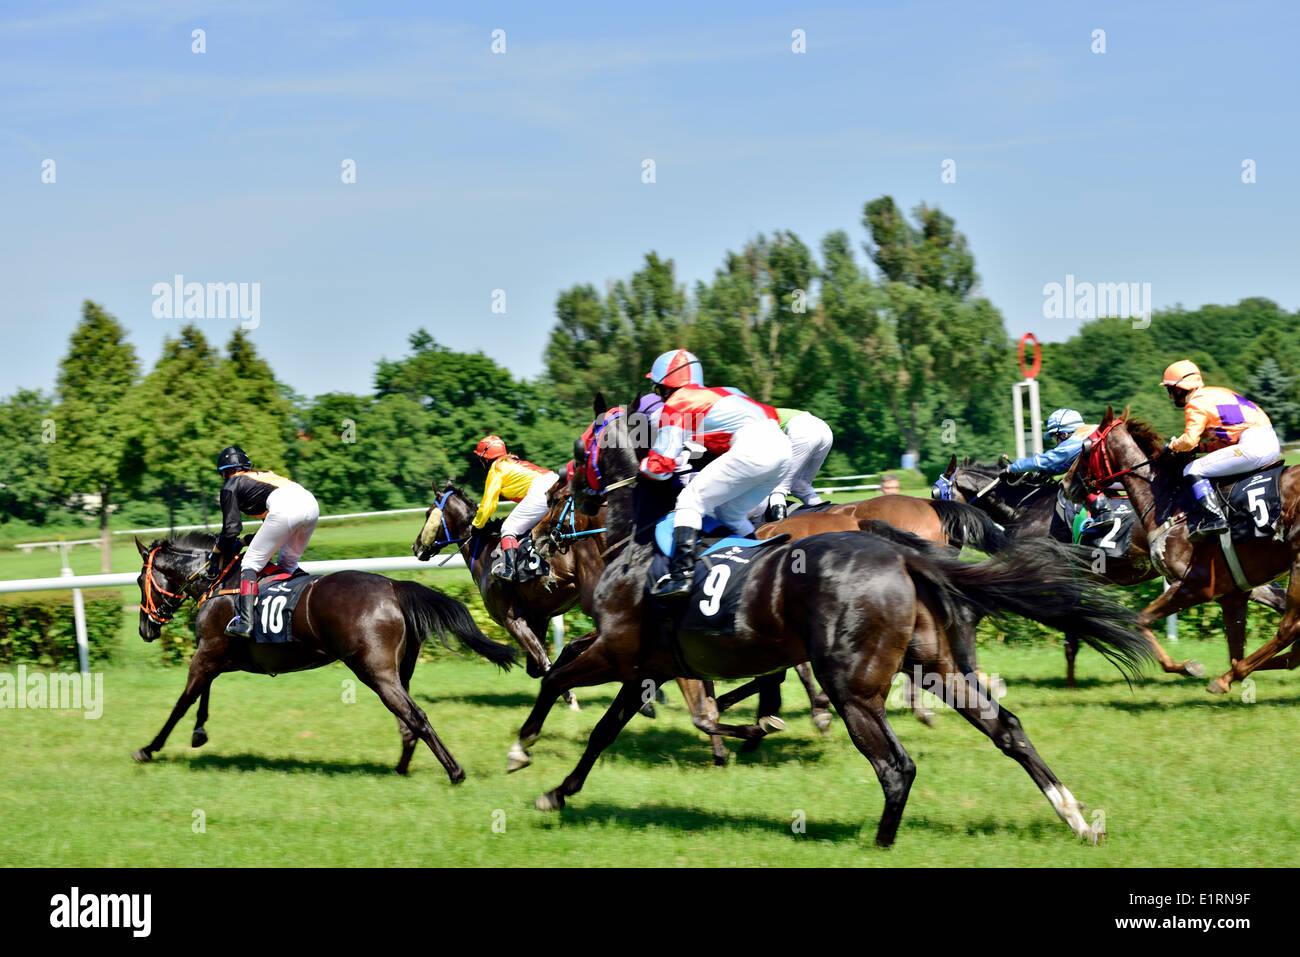 Wroclaw, Polen. 9. Juni 2014. Obamas Tag an der Strecke Partenice, Rennen für 3-jährige Pferde nur Gruppe III in Breslau am Juni 8, 2014. Rennsiege Pferd Zucchero mit der Nummer 2. Stockbild